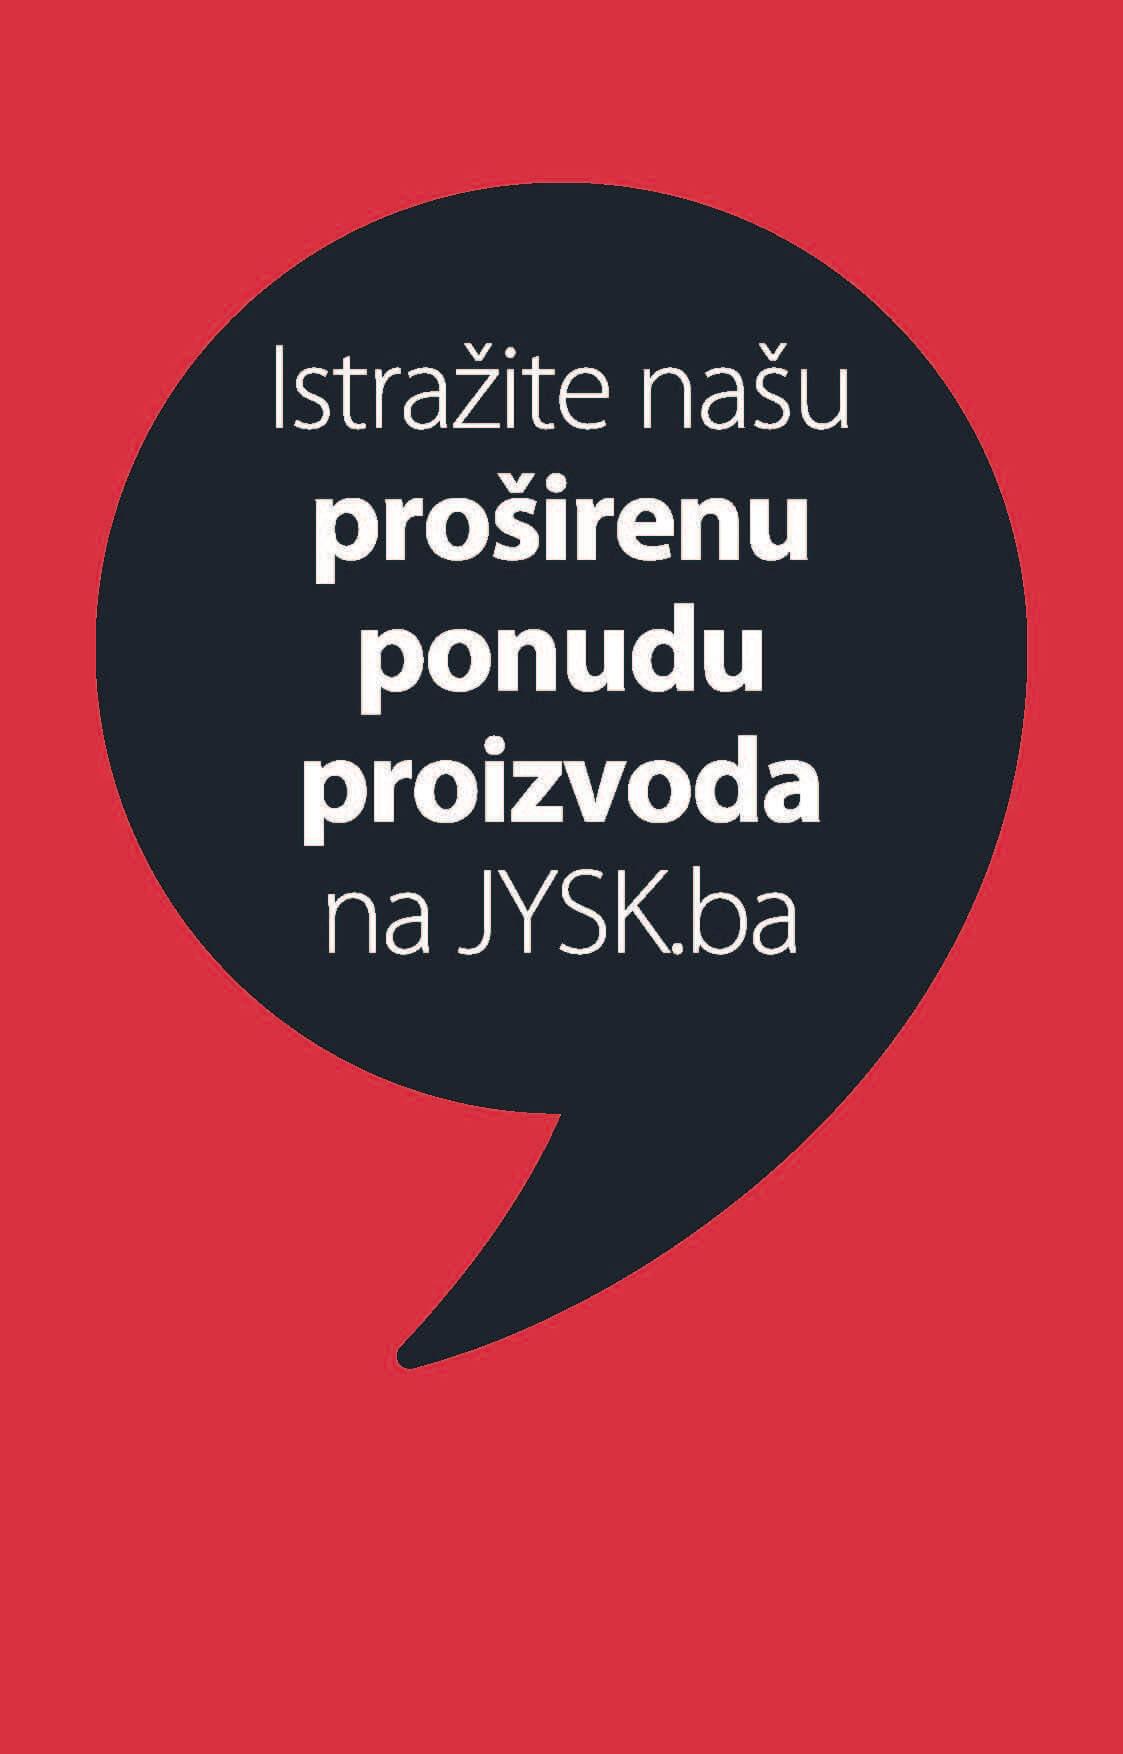 JYSK Katalog Akcijska rasprodaja JUN 2021 03.06. 16.06 eKatalozi.com PR Page 01